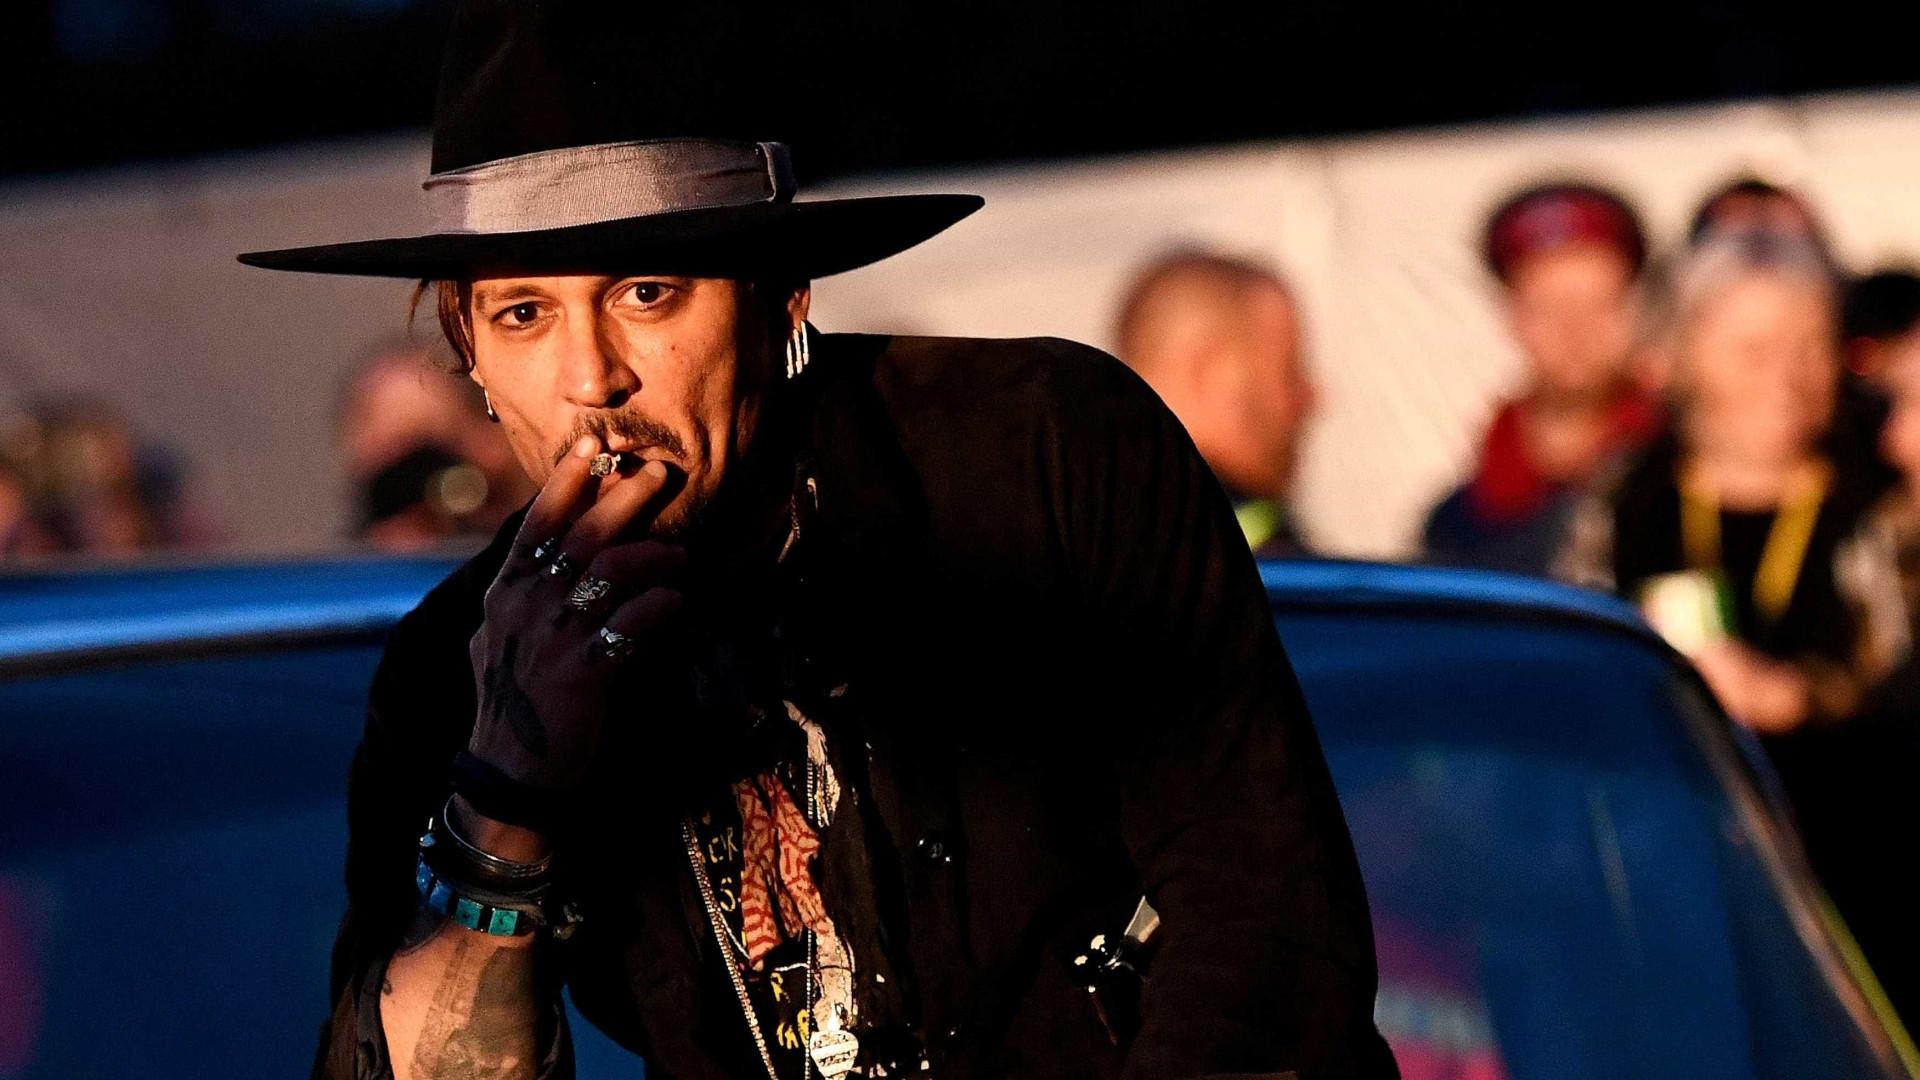 Johnny Depp acusa familiares de usarem o seu dinheiro sem autorização